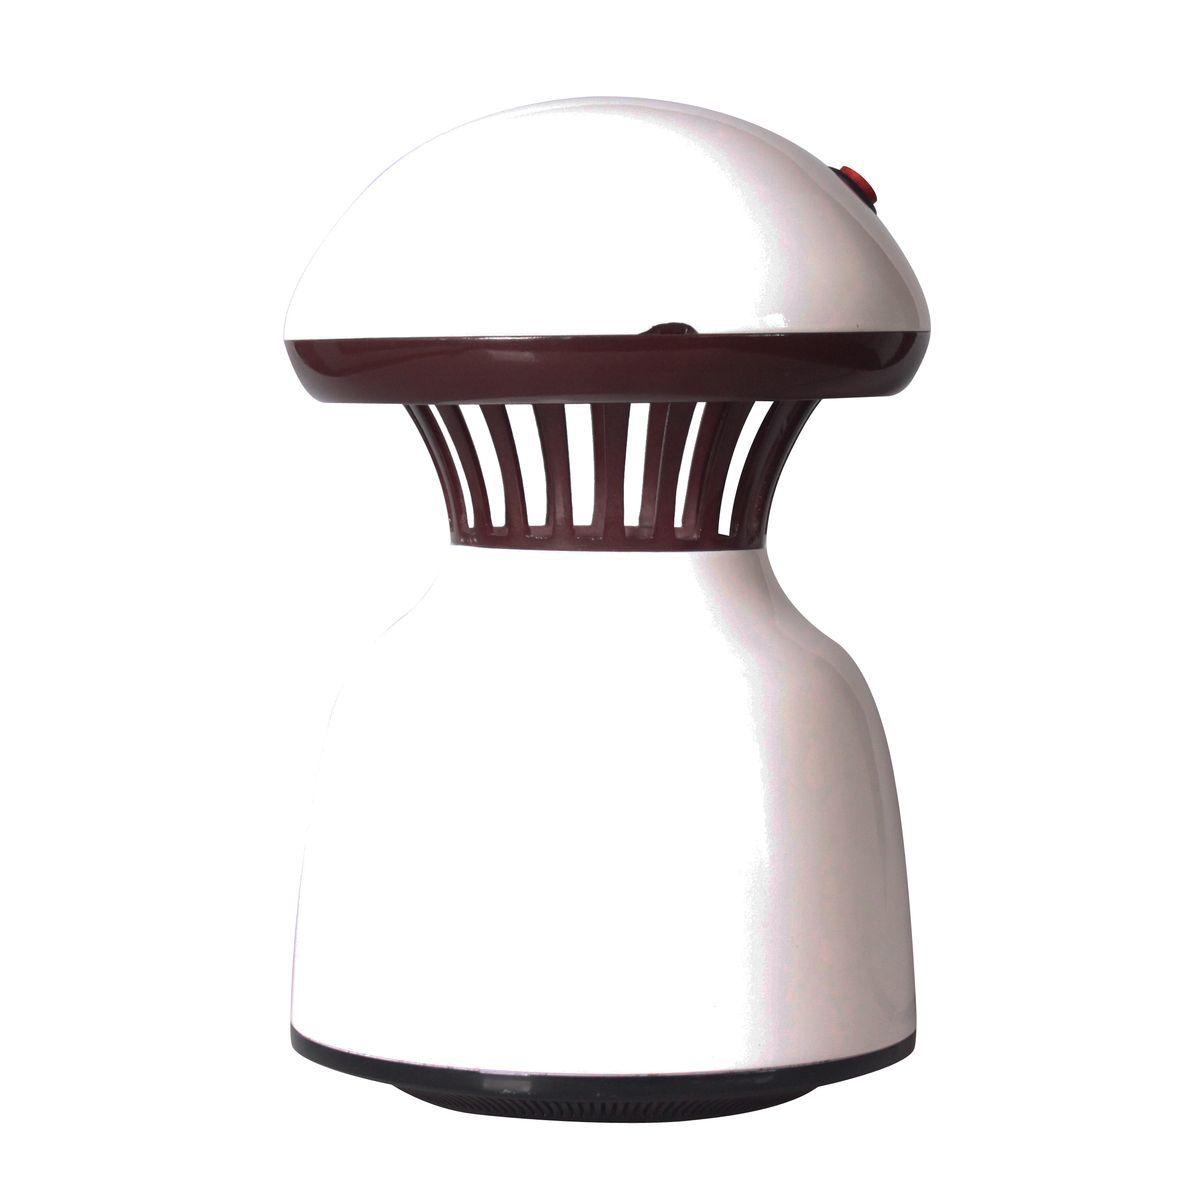 Appareil anti moustiques 002209 - Blanc